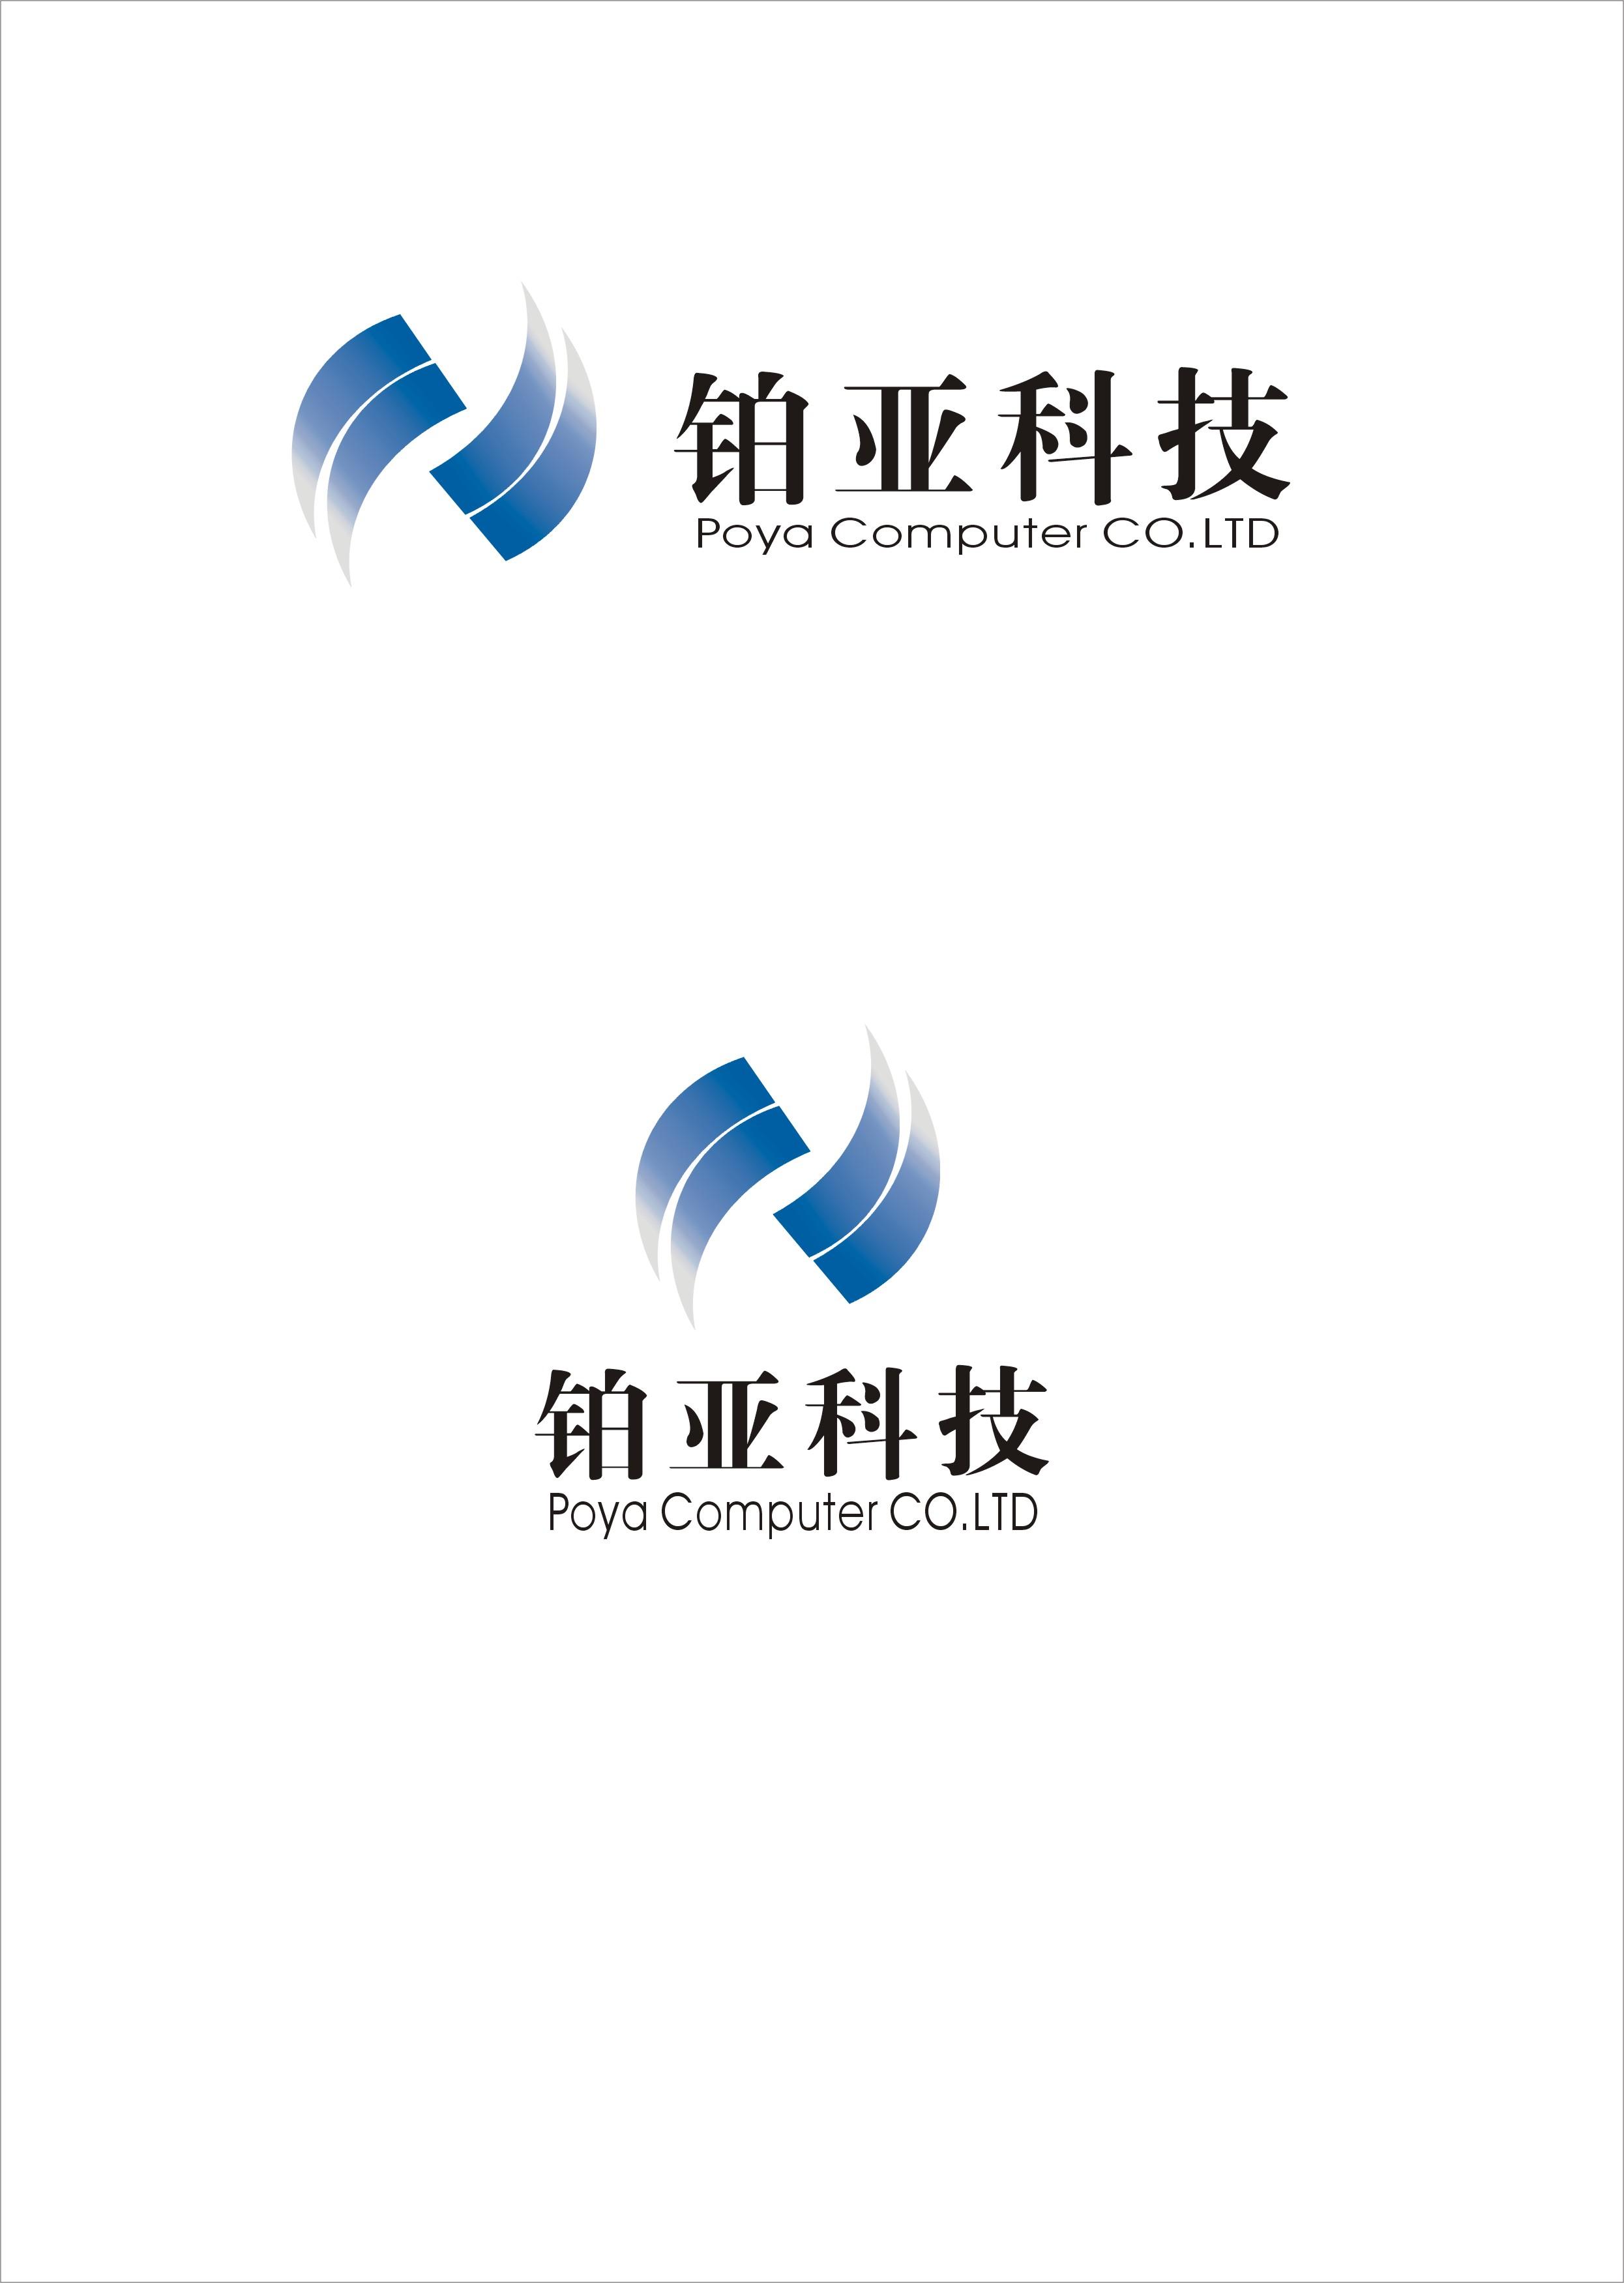 铂亚计算机公司logo及名片设计